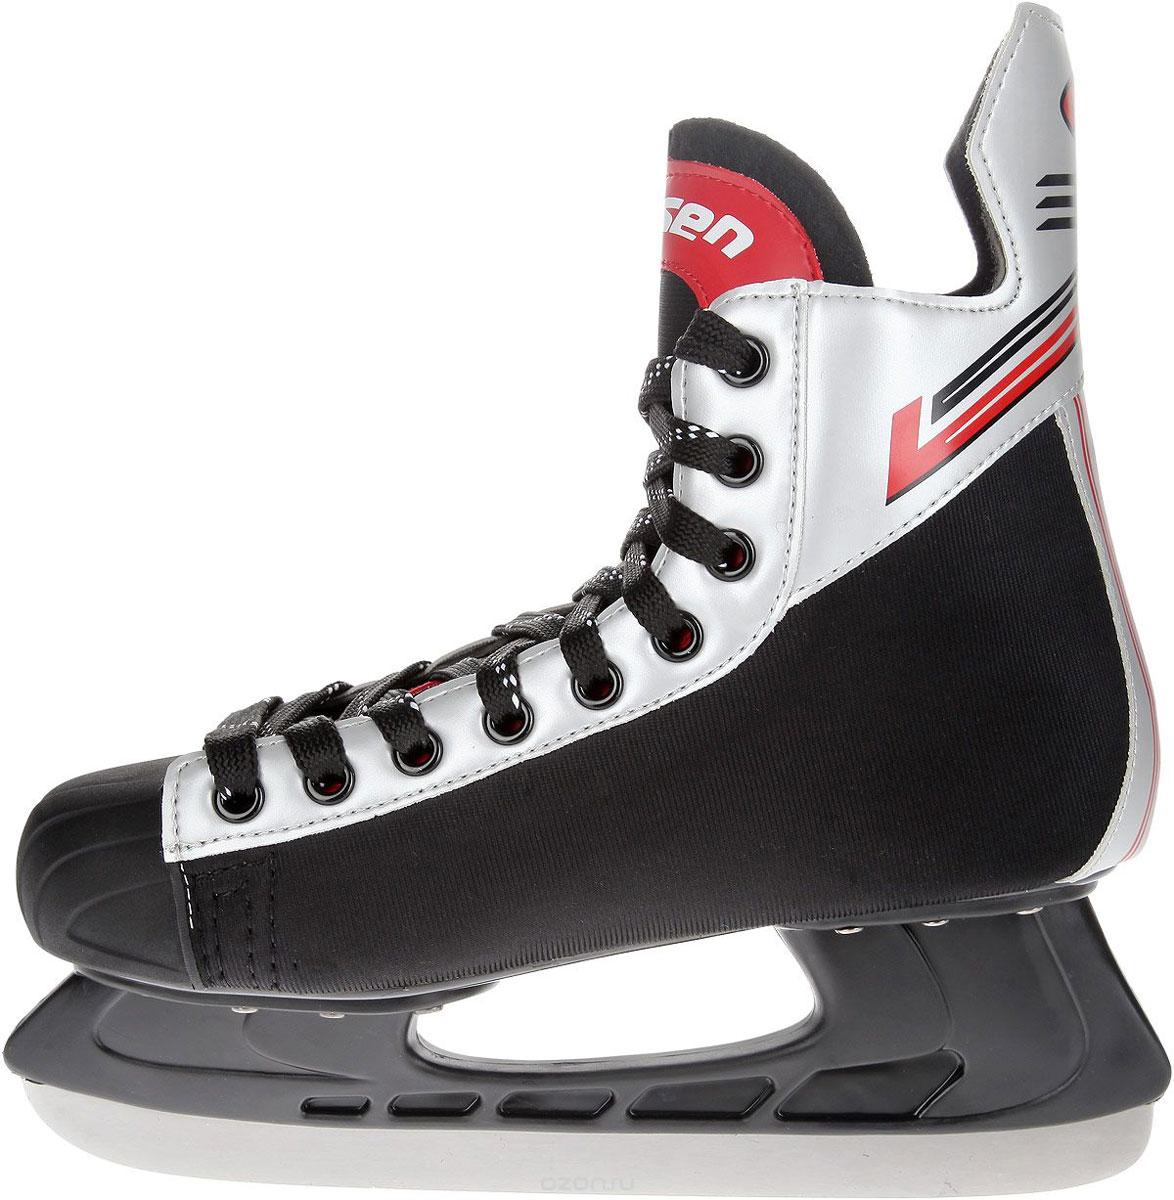 Коньки хоккейные мужские Larsen Alex, цвет: черный, серебристый, красный. Размер 44AlexСтильные коньки Alex от Larsen прекрасно подойдут для начинающих игроков в хоккей. Ботиноквыполнен из нейлона и морозоустойчивого поливинилхлорида. Мыс дополнен вставкой изполиуретана, которая защитит ноги от ударов. Внутренний слой изготовлен из мягкого текстиля,который обеспечит тепло и комфорт во время катания, язычок - из войлока. Плотная шнуровканадежно фиксирует модель на ноге. Голеностоп имеет удобный суппорт. Стелька из EVA стекстильной поверхностью обеспечит комфортное катание. Стойка выполнена изударопрочного полипропилена. Лезвие из нержавеющей стали обеспечит превосходноескольжение. В комплект входят пластиковые чехлы для лезвий.